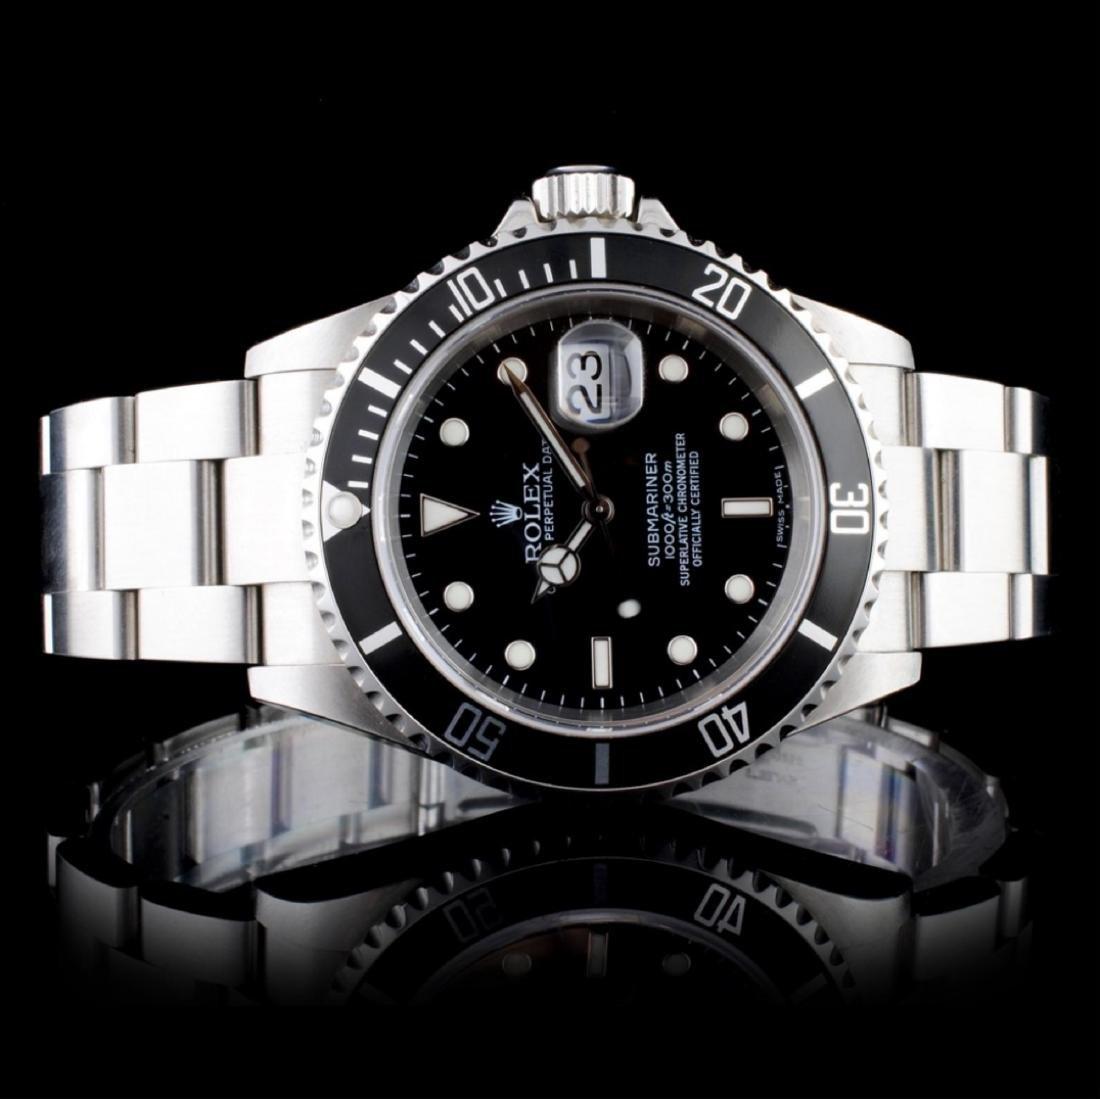 Rolex Submariner Stainless Steel Wristwatch